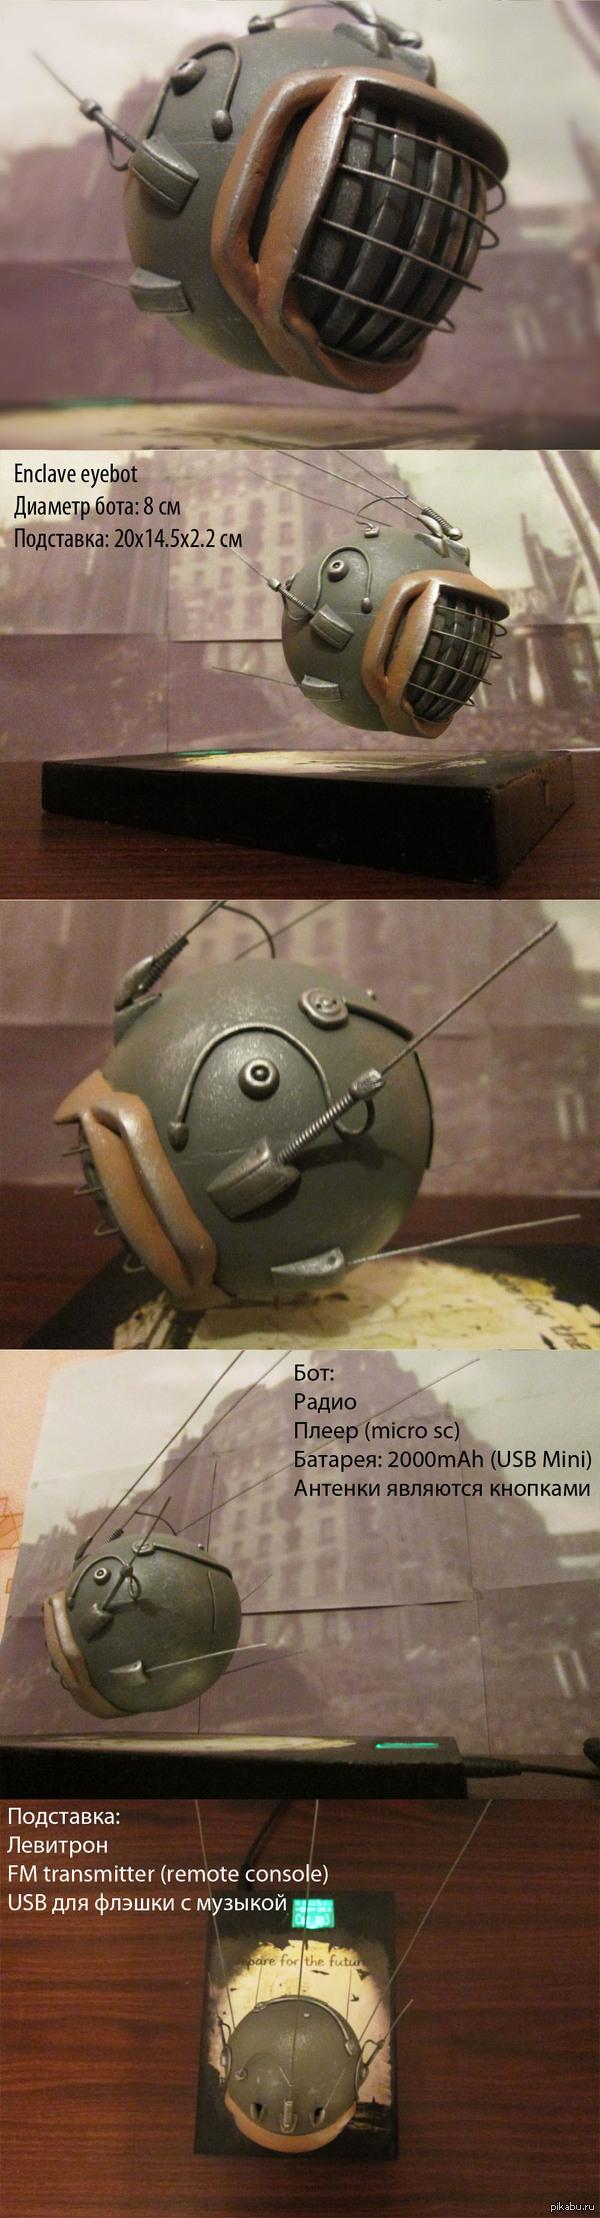 ENCLAVE eyebot Fallout Моё с другом творение. Делался очень долго, всё из-за не хватки времени (чёртова работа), вот выкладываю на обозрение, хотя уже и не пятница.